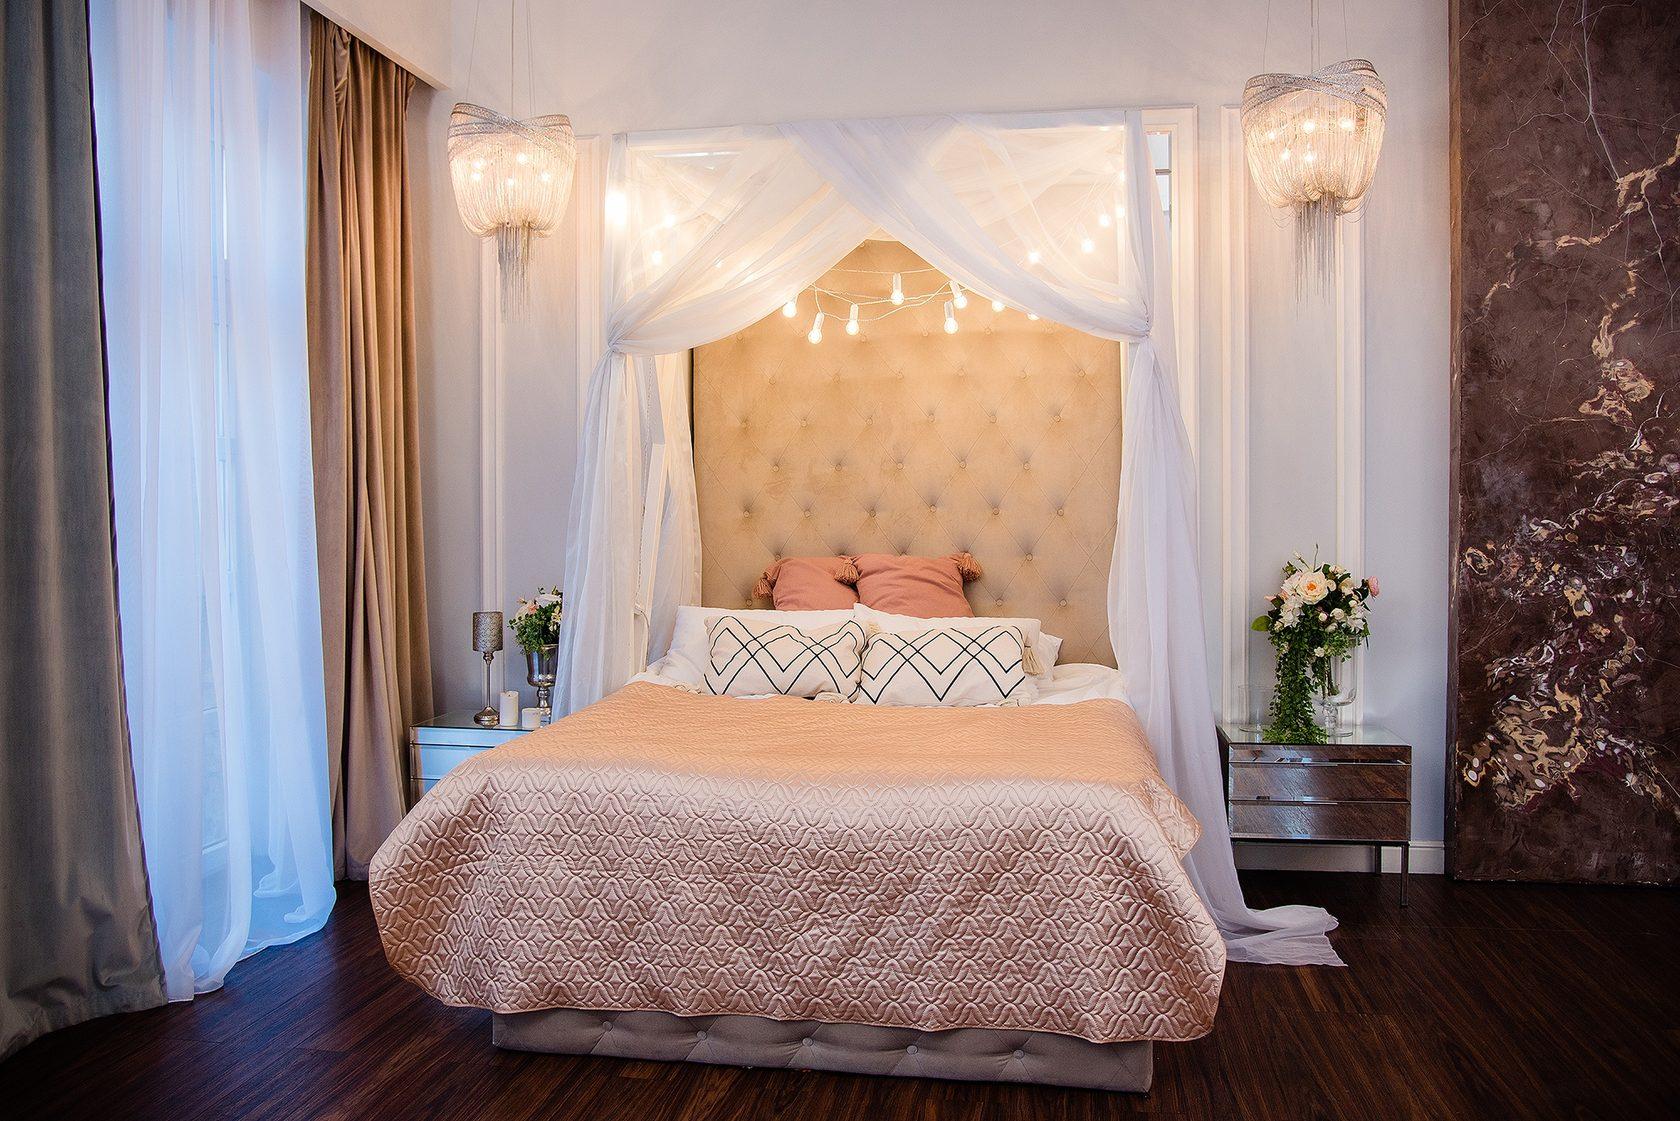 Фотостудия в спб с шикарной кроватью